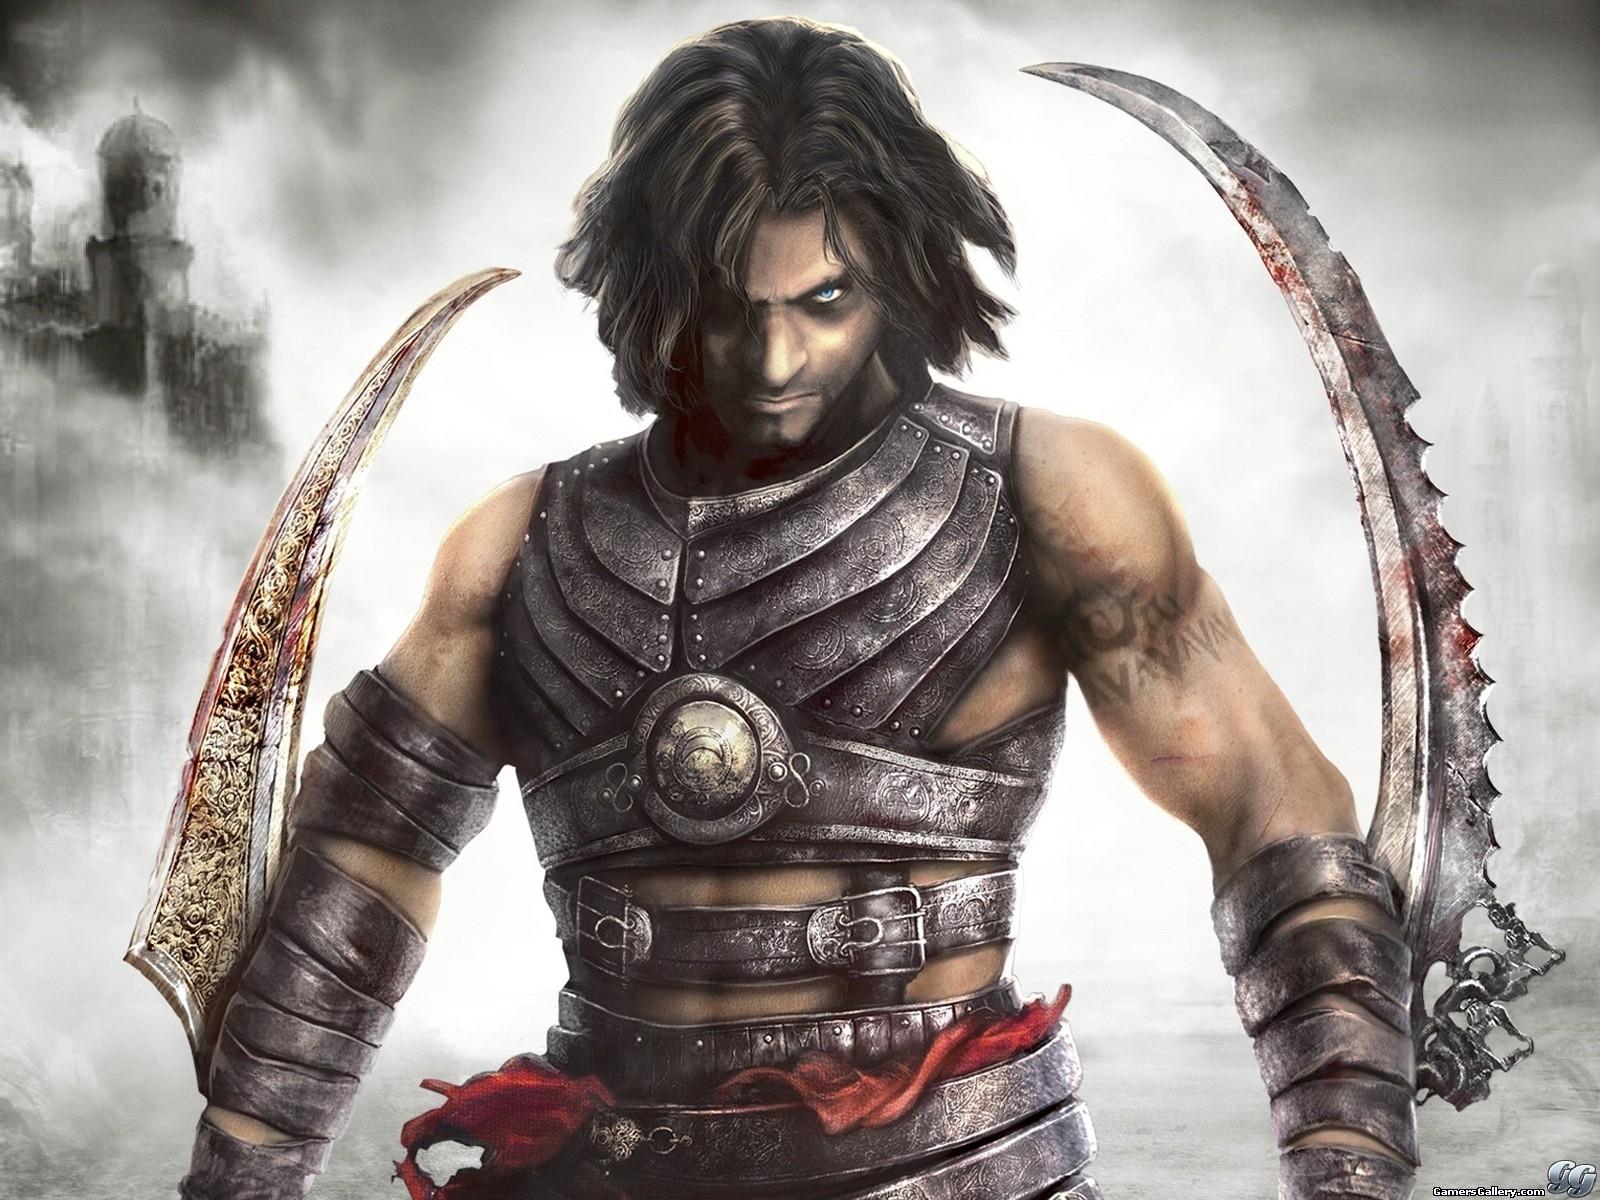 4017 скачать обои Игры, Мужчины, Принц Персии (Prince Of Persia) - заставки и картинки бесплатно